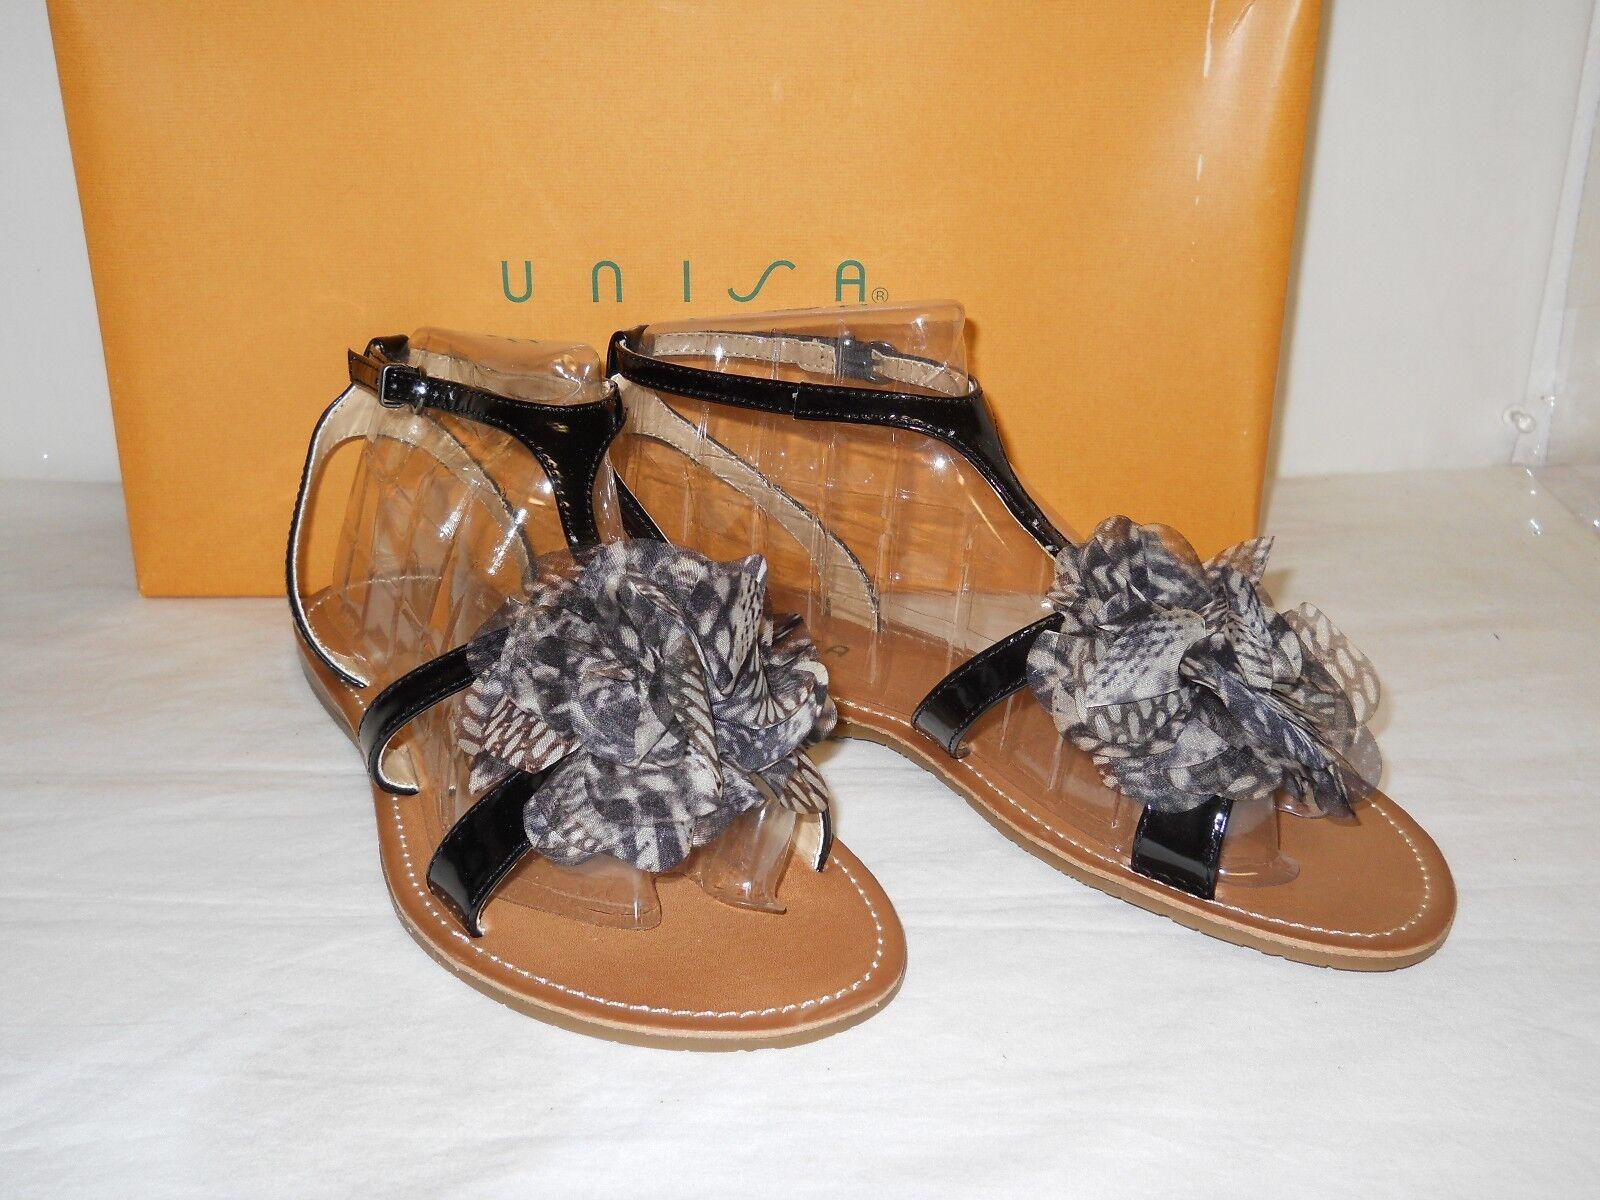 Unisa New Womens Jamila Black Sandals 6 M shoes NWB